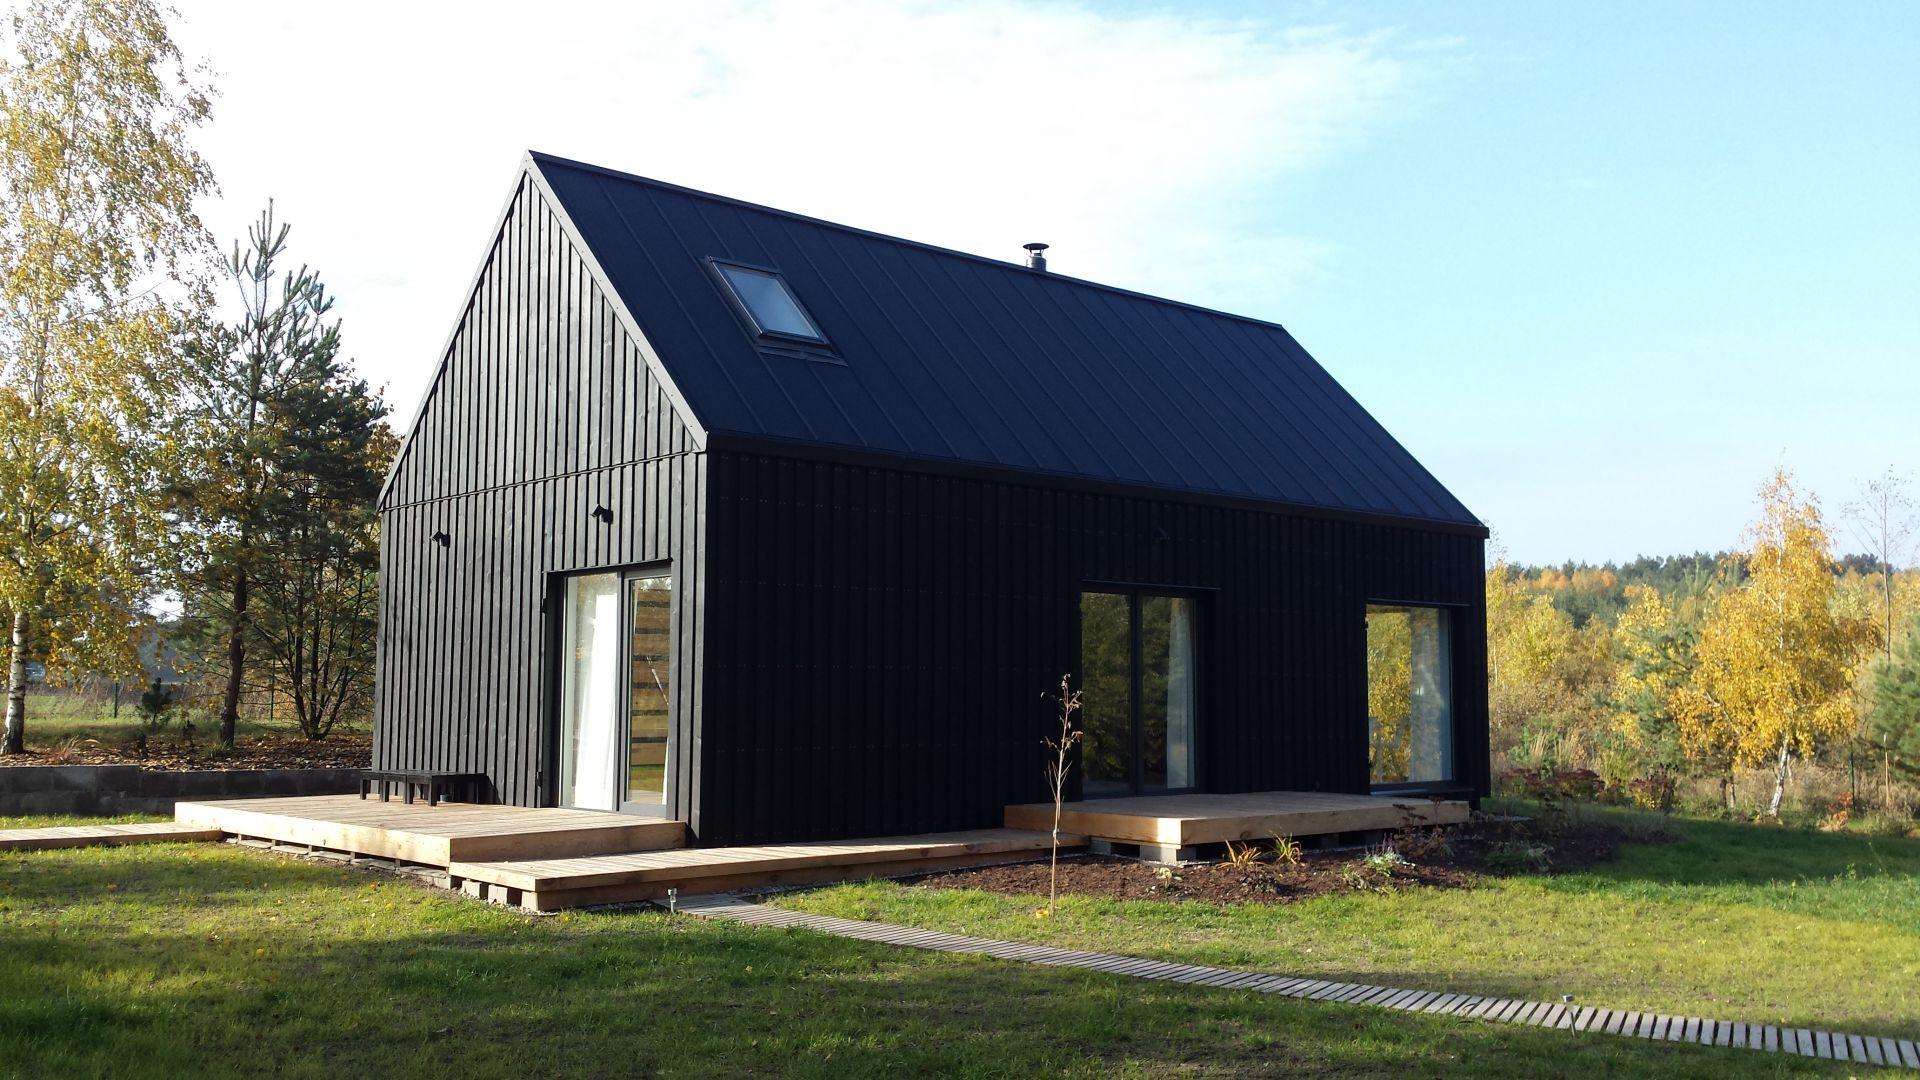 Coraz większą popularnością wśród inwestorów cieszą się projekty domów w typie nowoczesnej stodoły, inspirowane skandynawskim minimalizmem. Got. Galeco